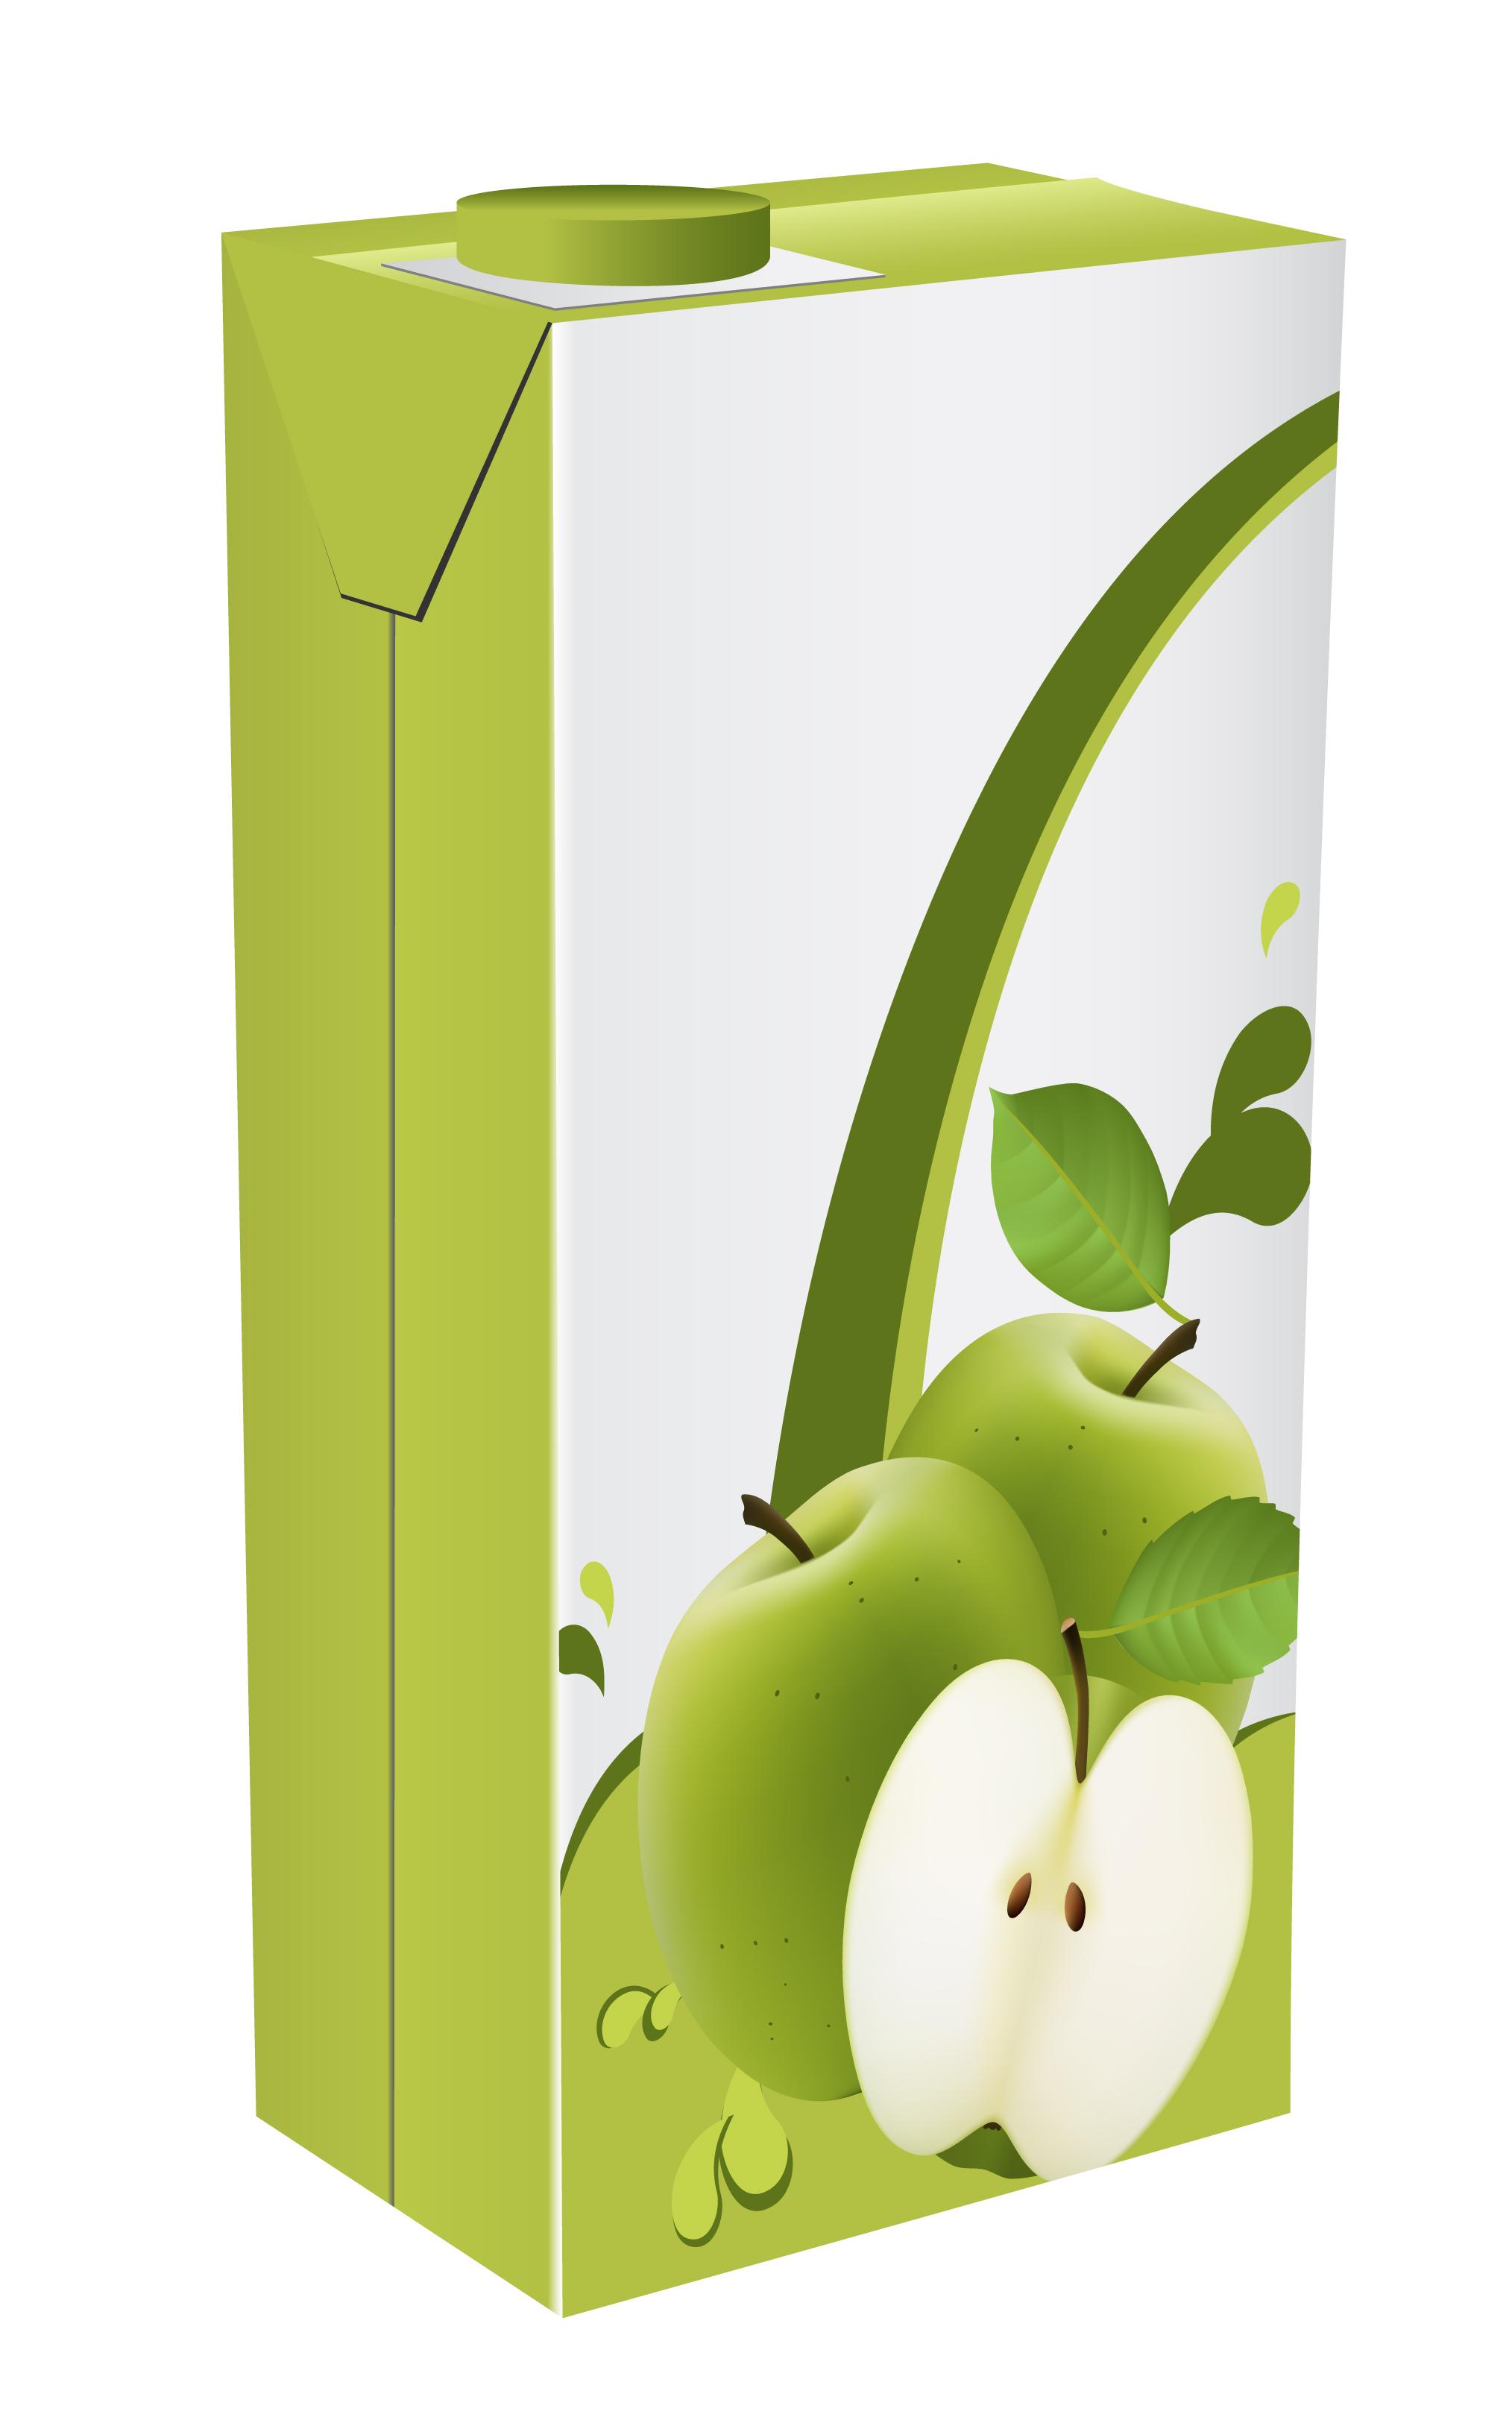 Green Juice Cartoon Apple Juice Cartoon Apple